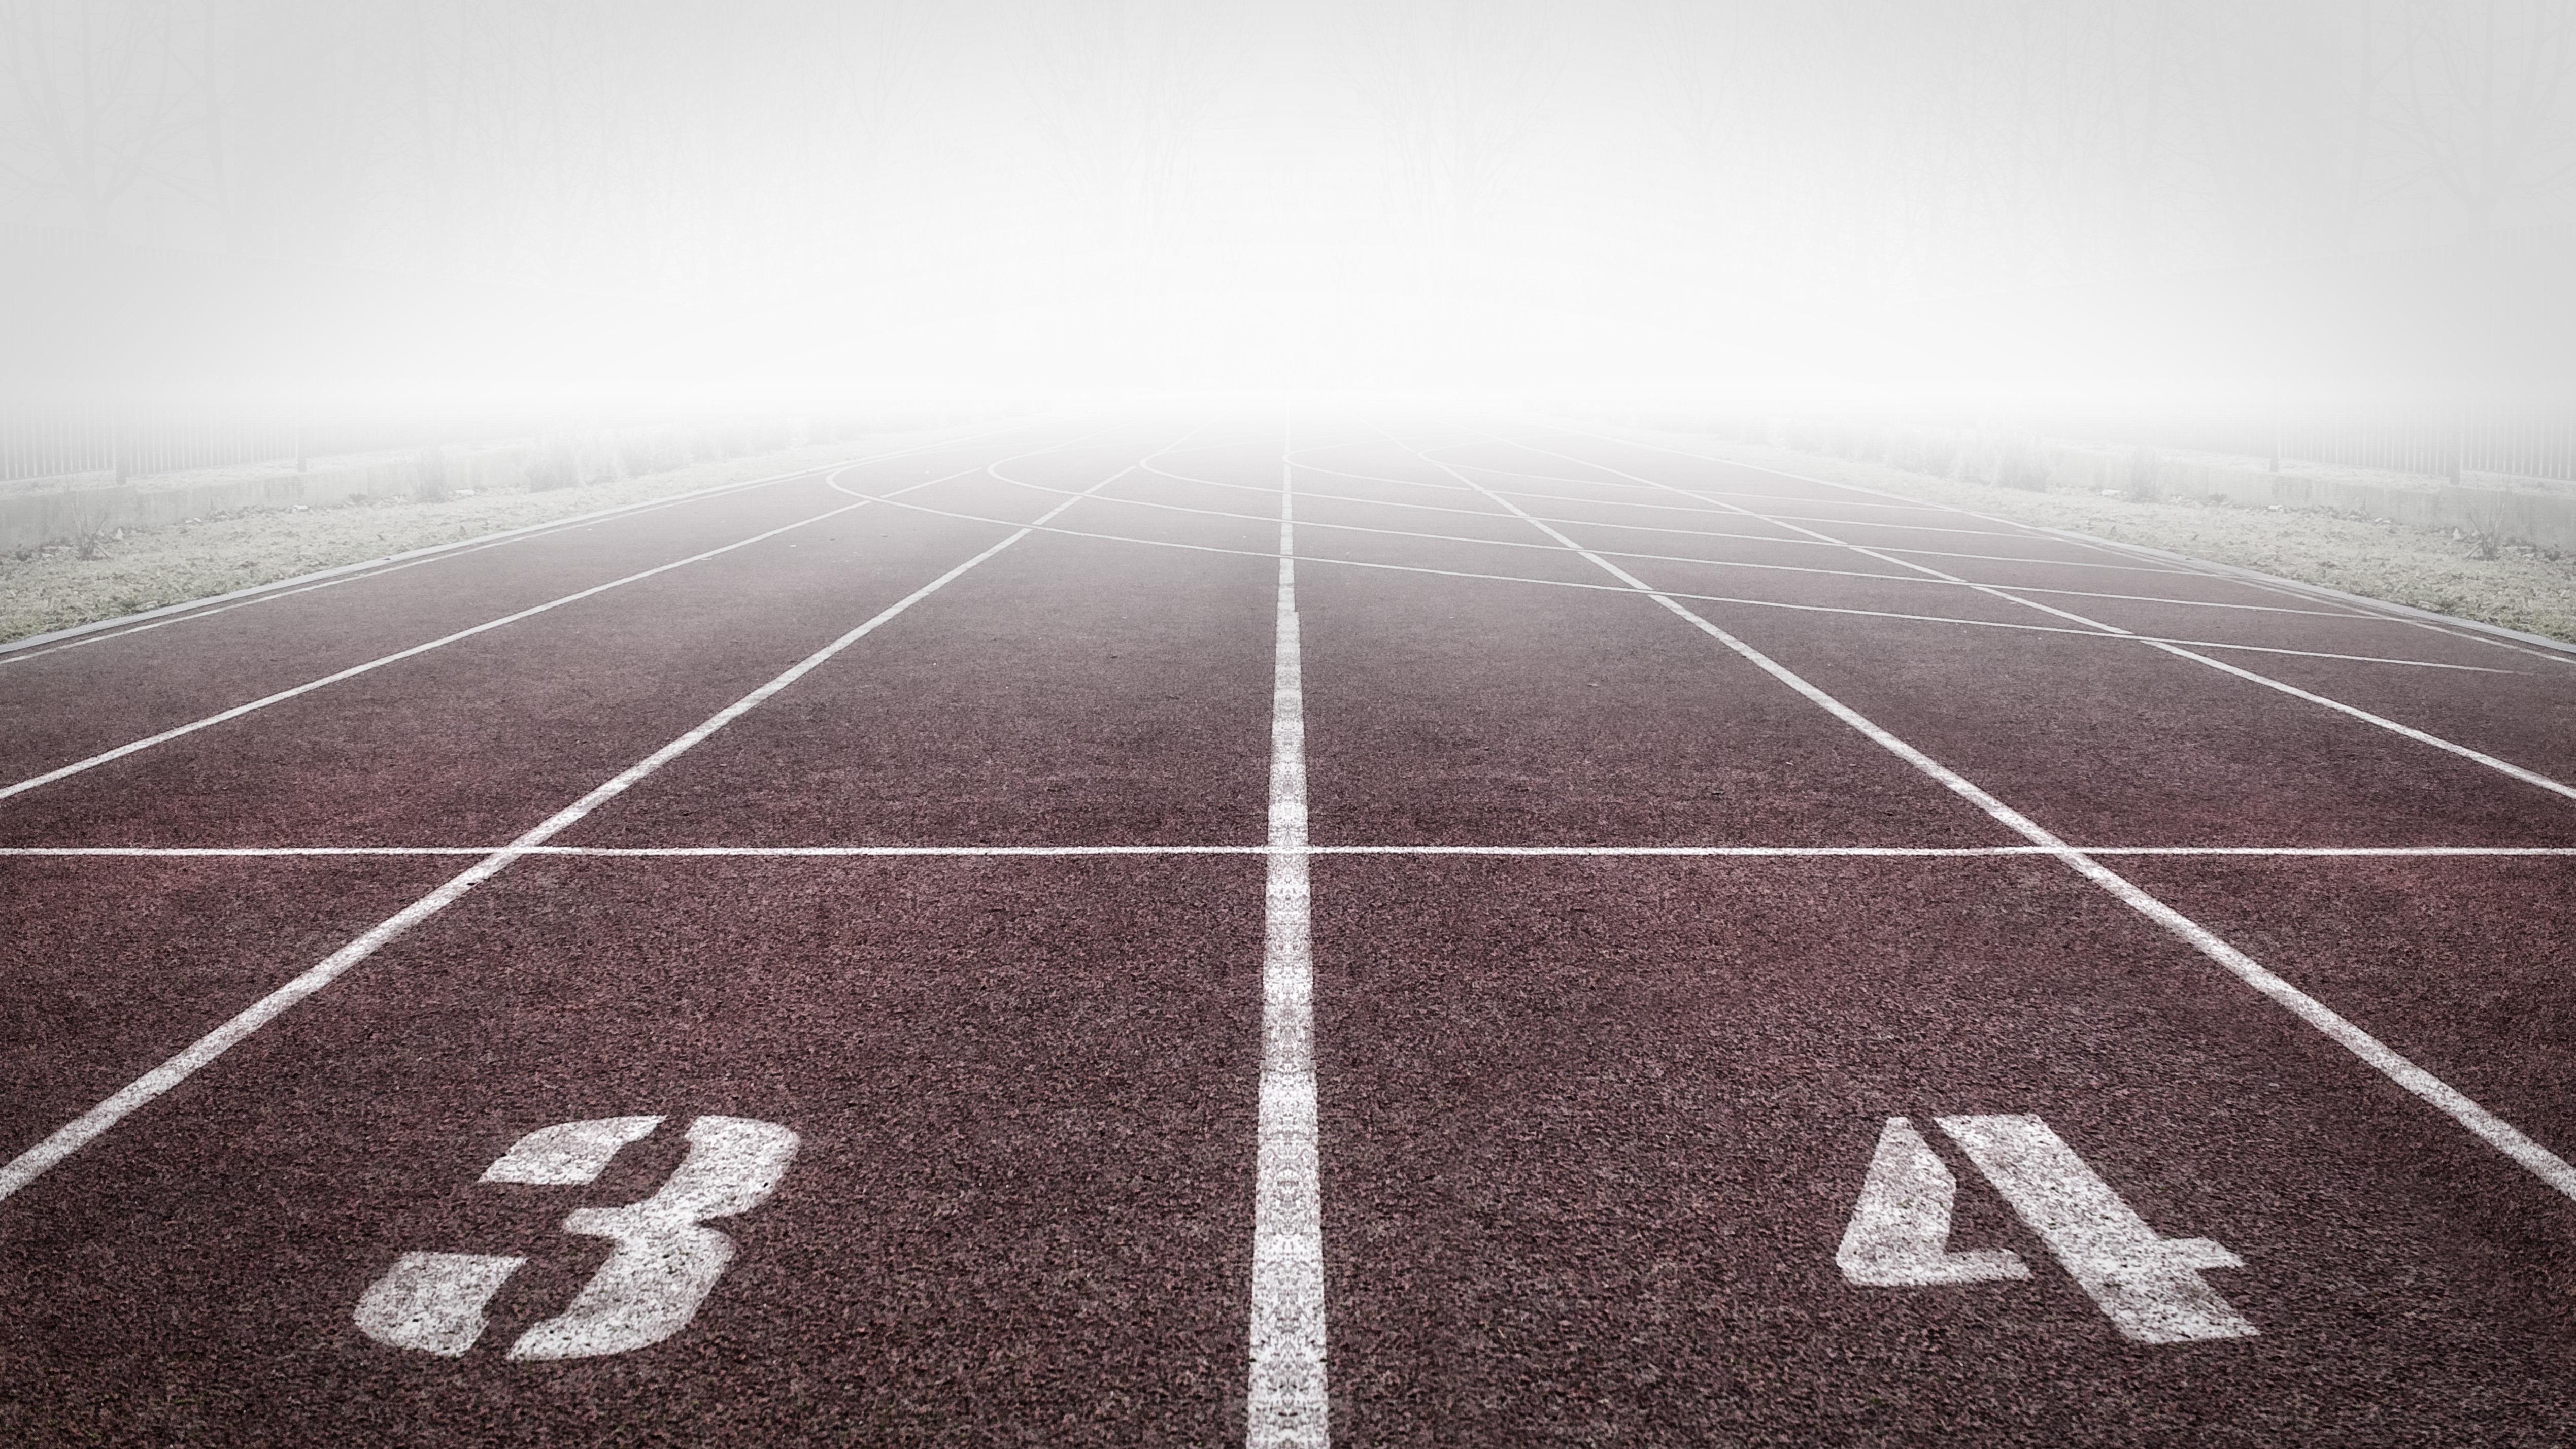 pista de corrida atletismo expressões no esporte